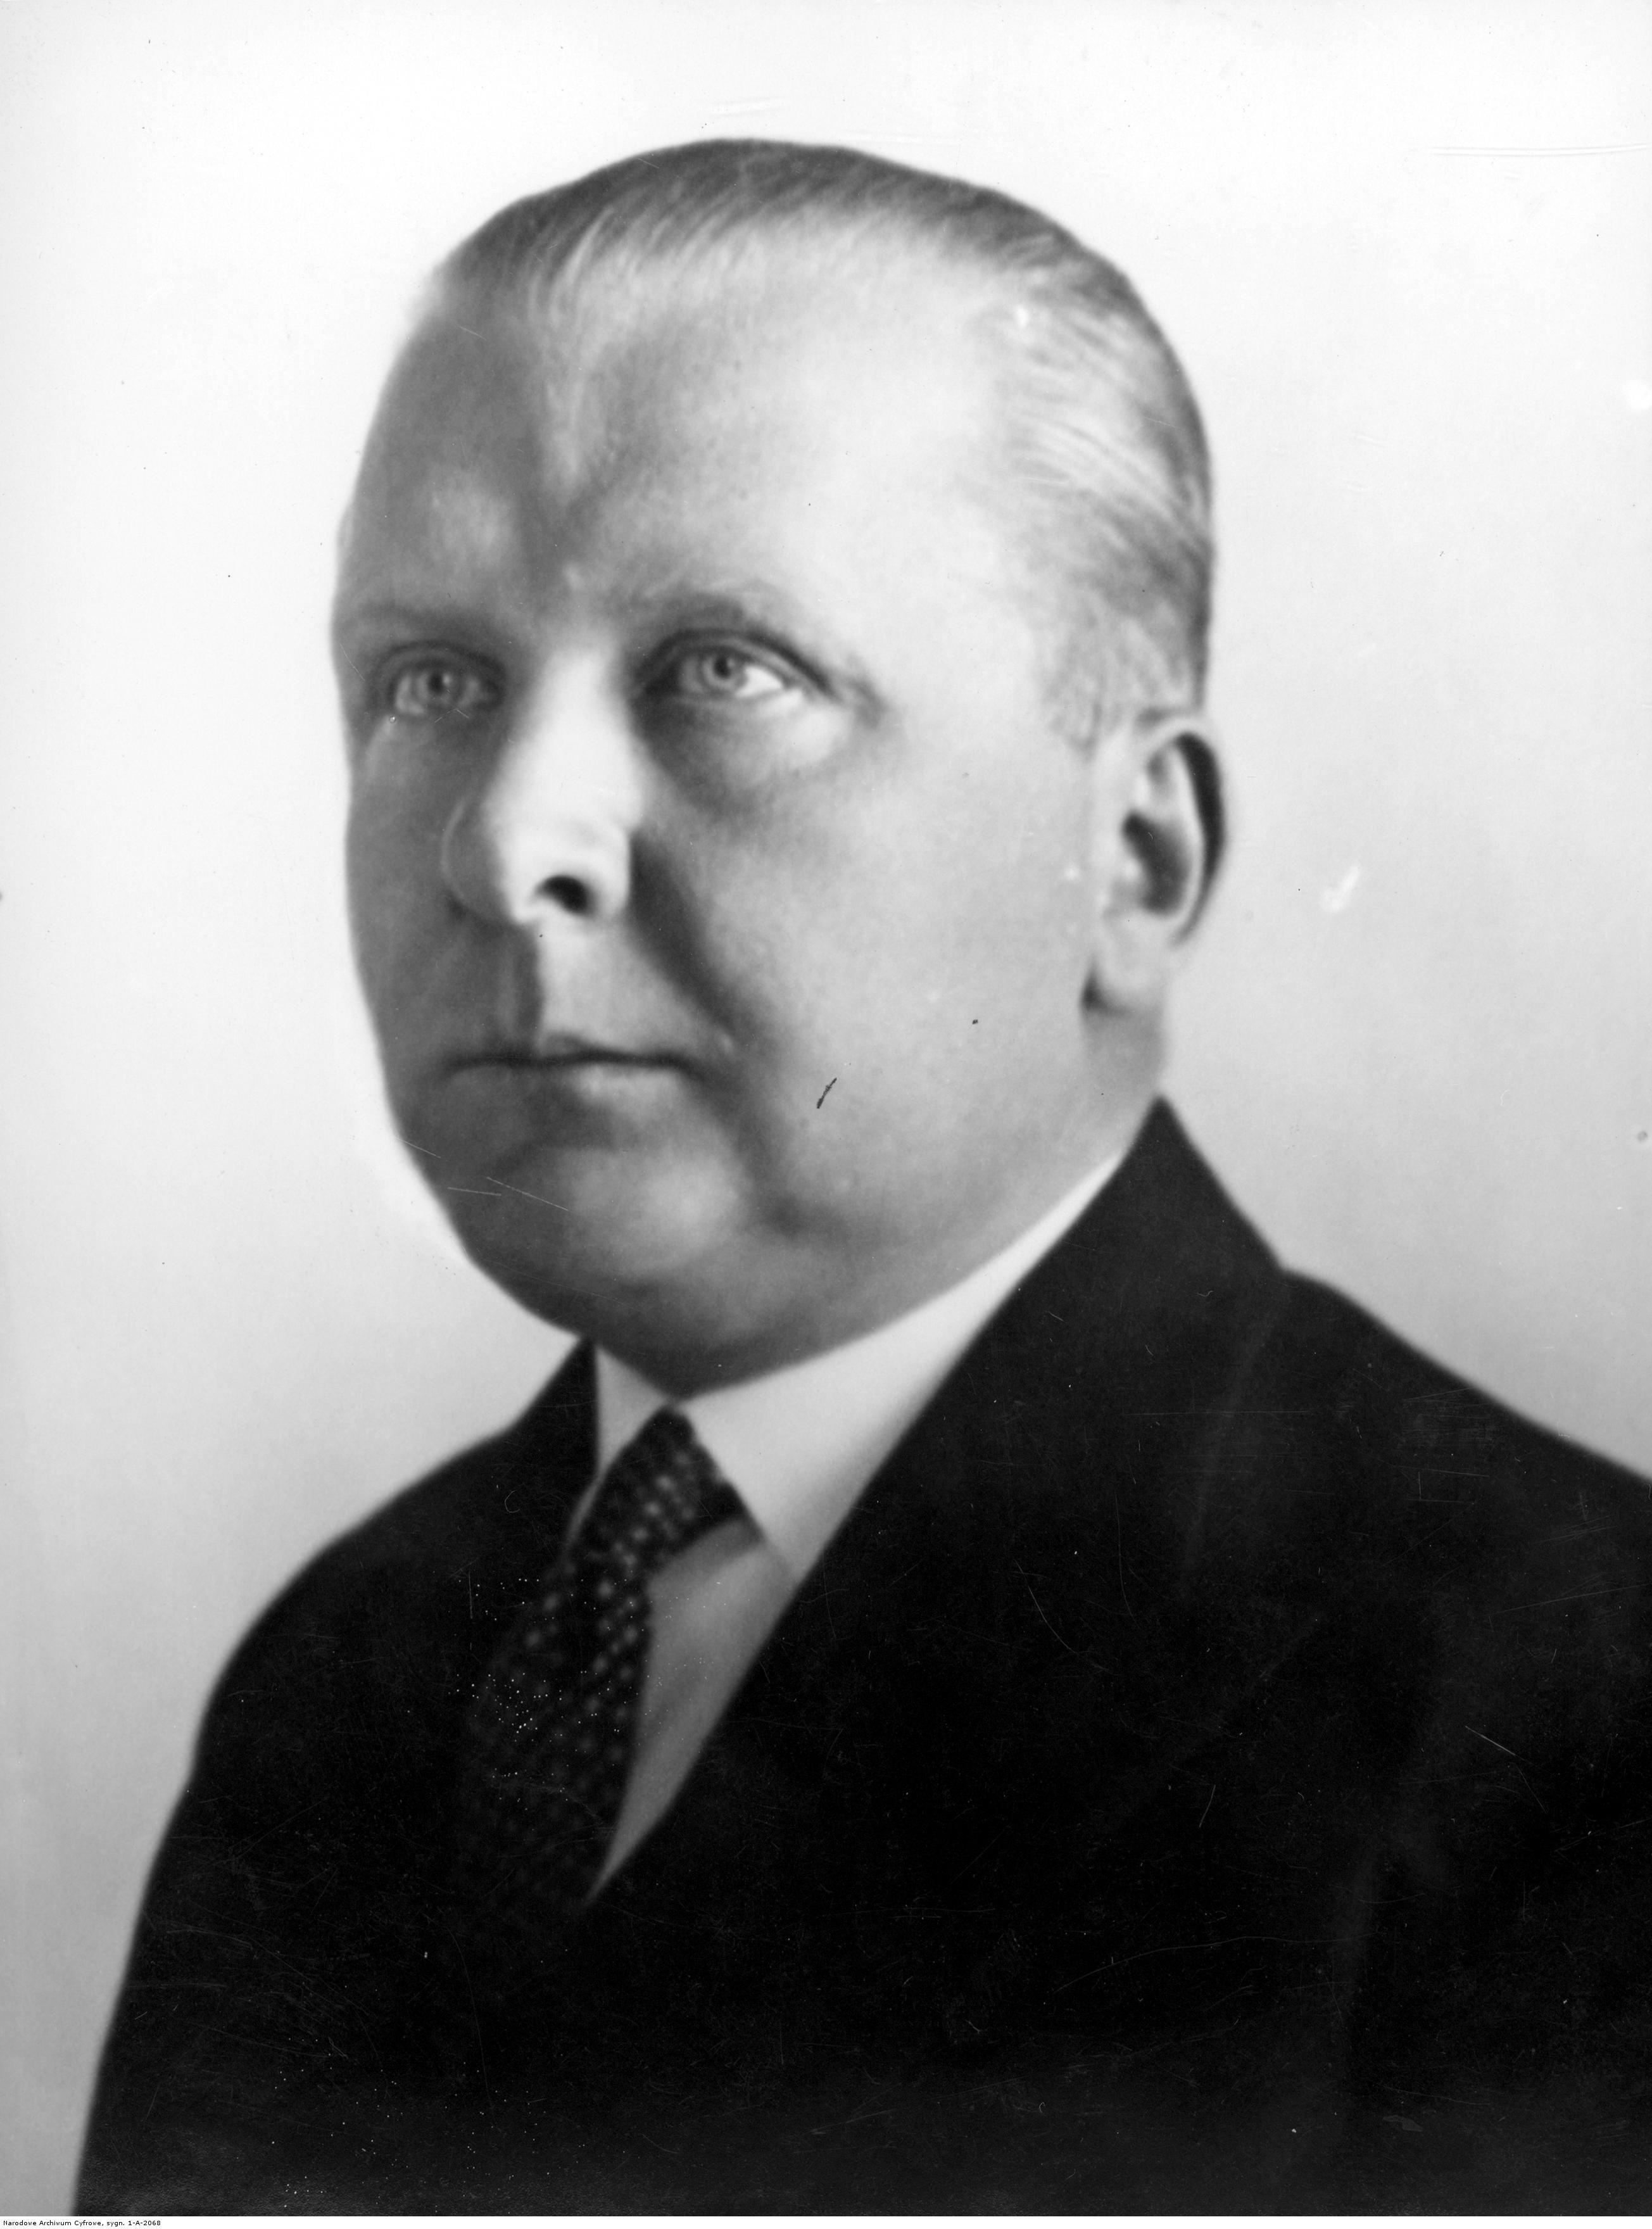 Opis obrazu: Emil Kaliński, minister poczt i telegrafów. Fotografia portretowa. - PIC_1-A-2068